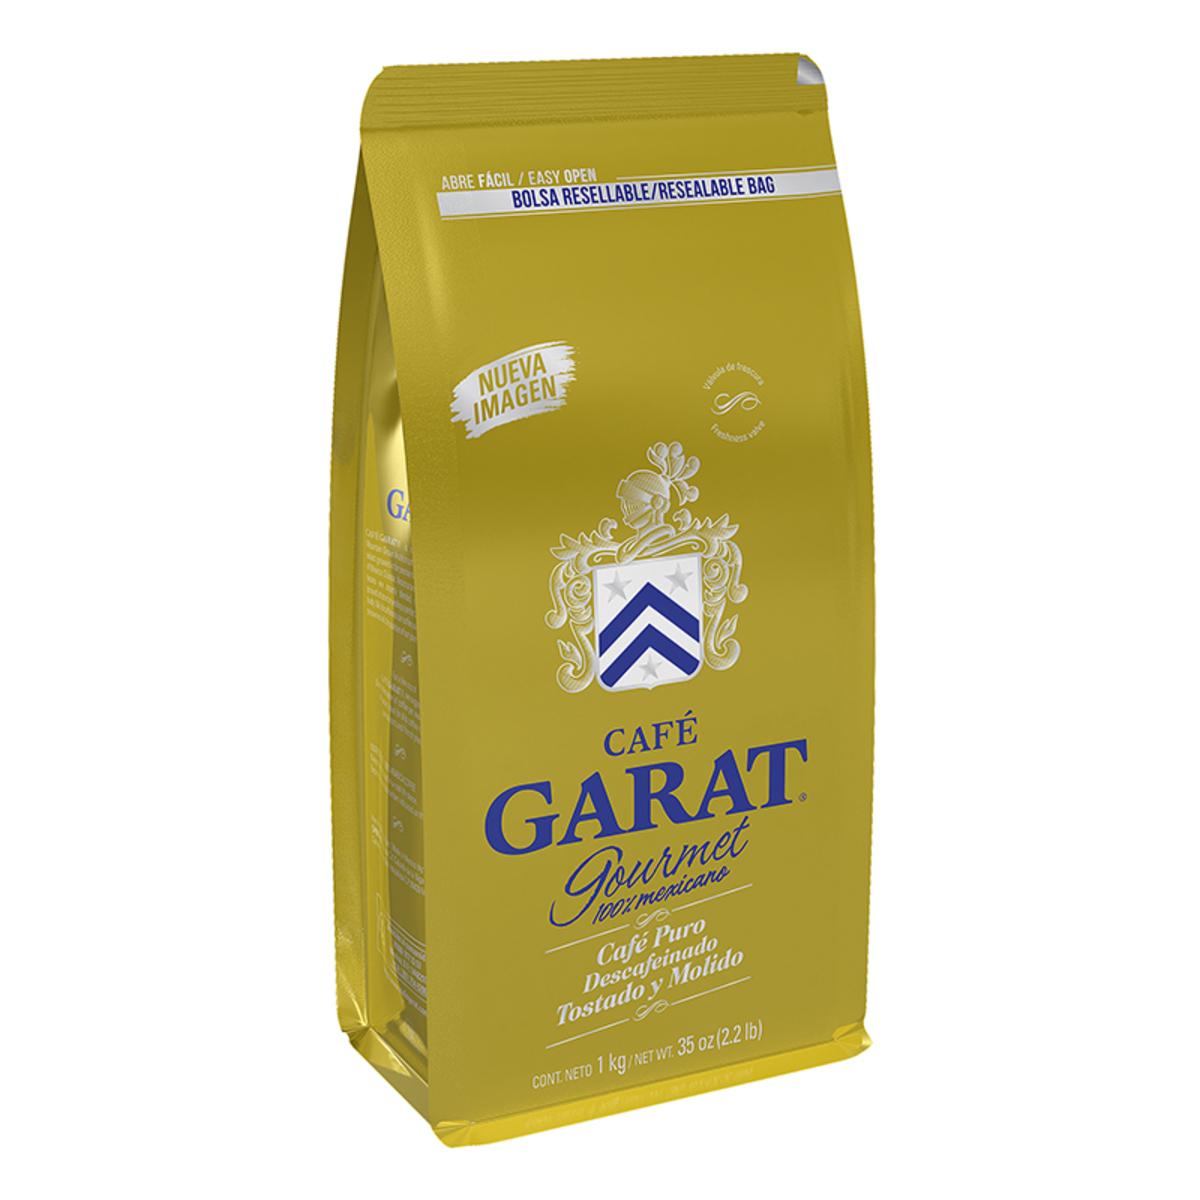 Costco: 1.1 kg de Café gourmet descafeinado Garat a $139 (ahorras $140)